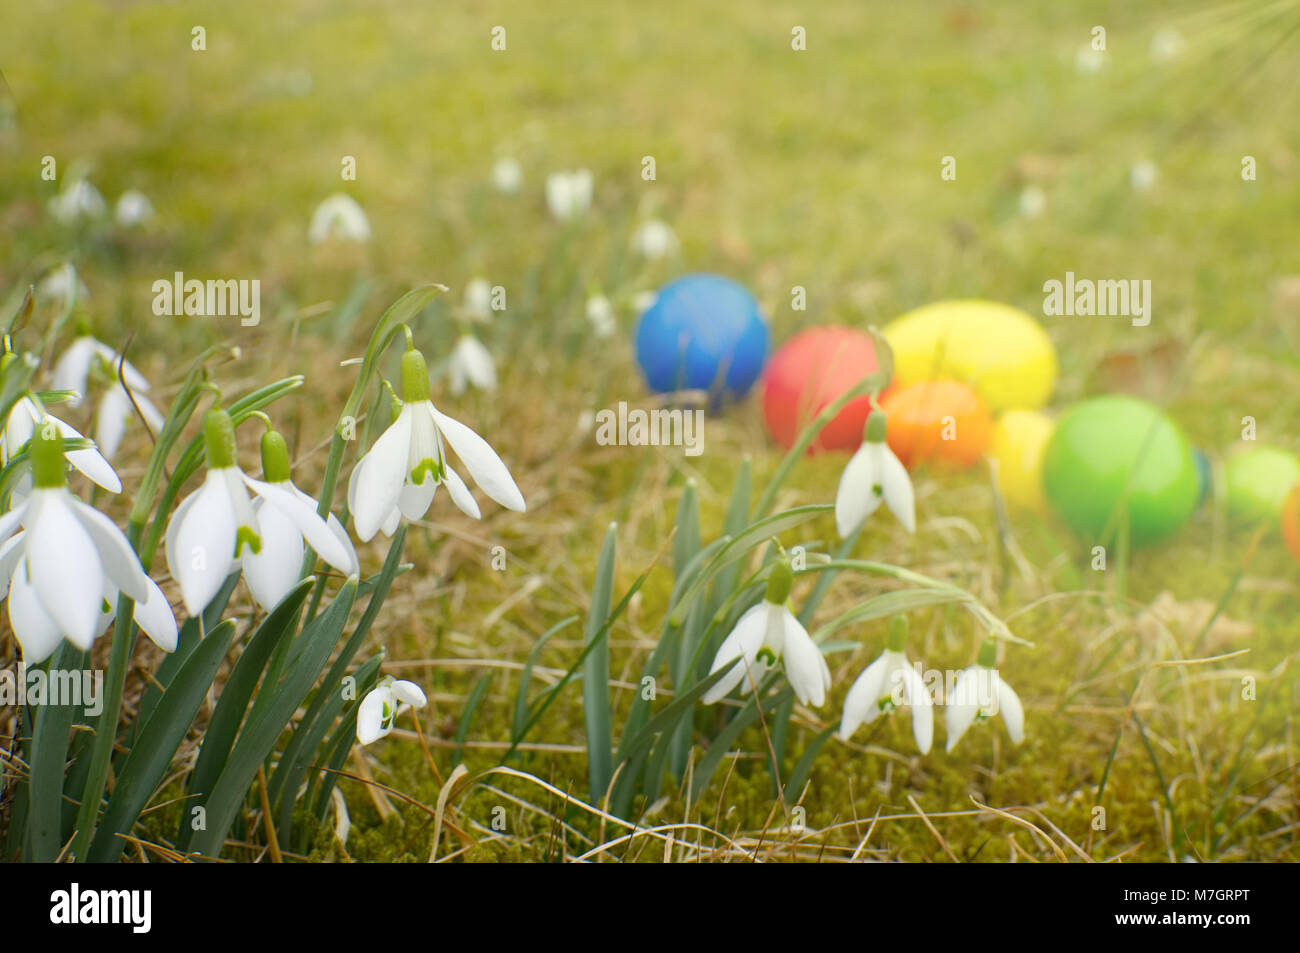 Un grupo grande de campanilla de las nieves está parado sobre una pradera. En segundo plano se encuentran los huevos de pascua. Foto de stock